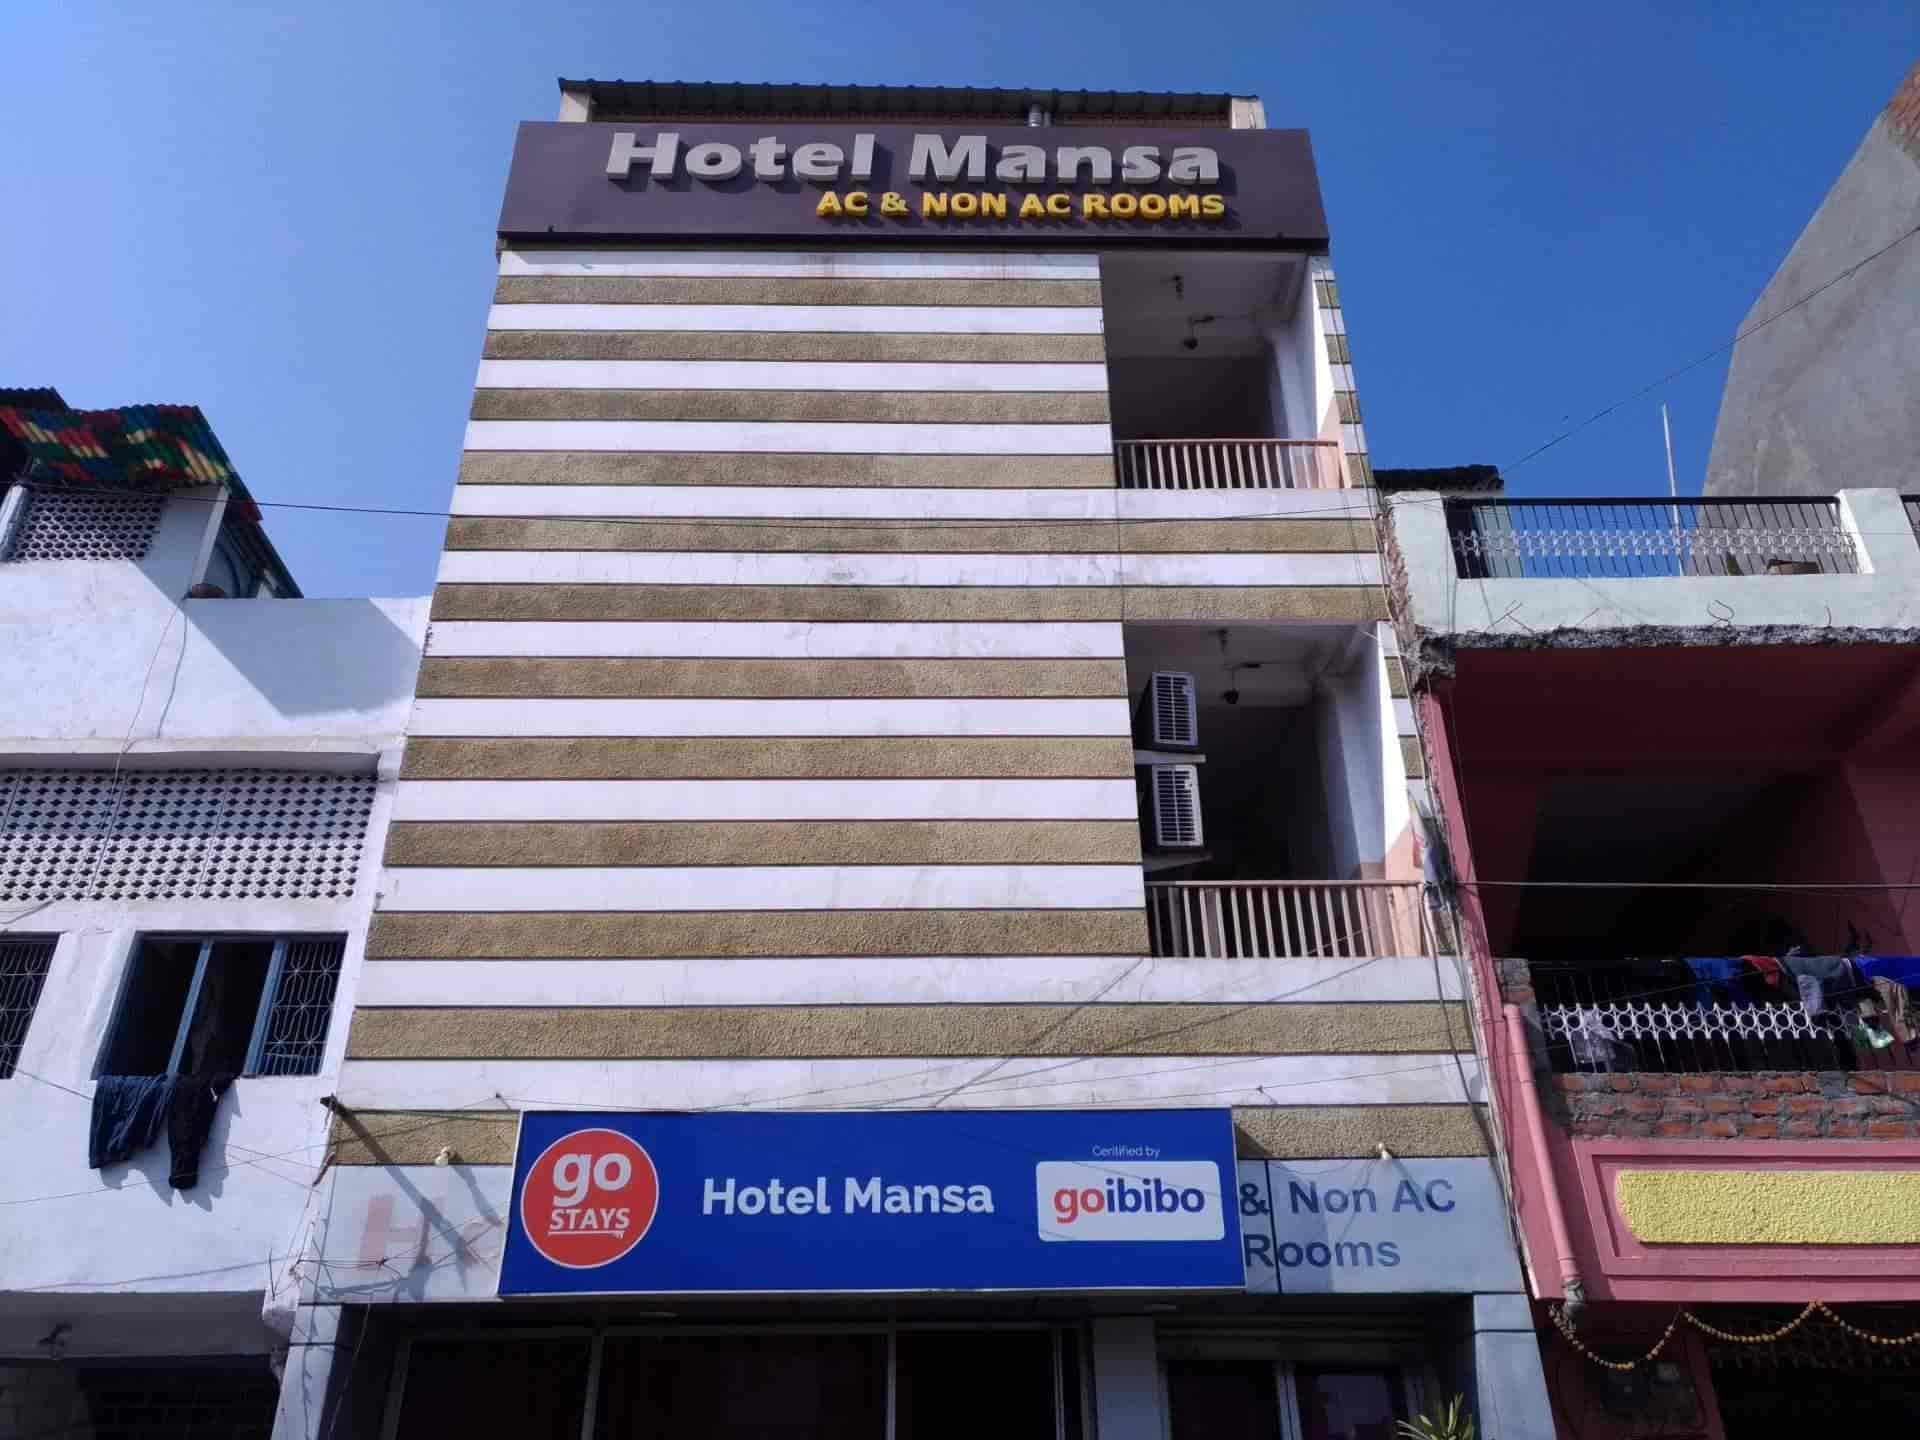 Hotel Mansa, Ashoka Garden - 1 Star Hotels in Bhopal - Justdial